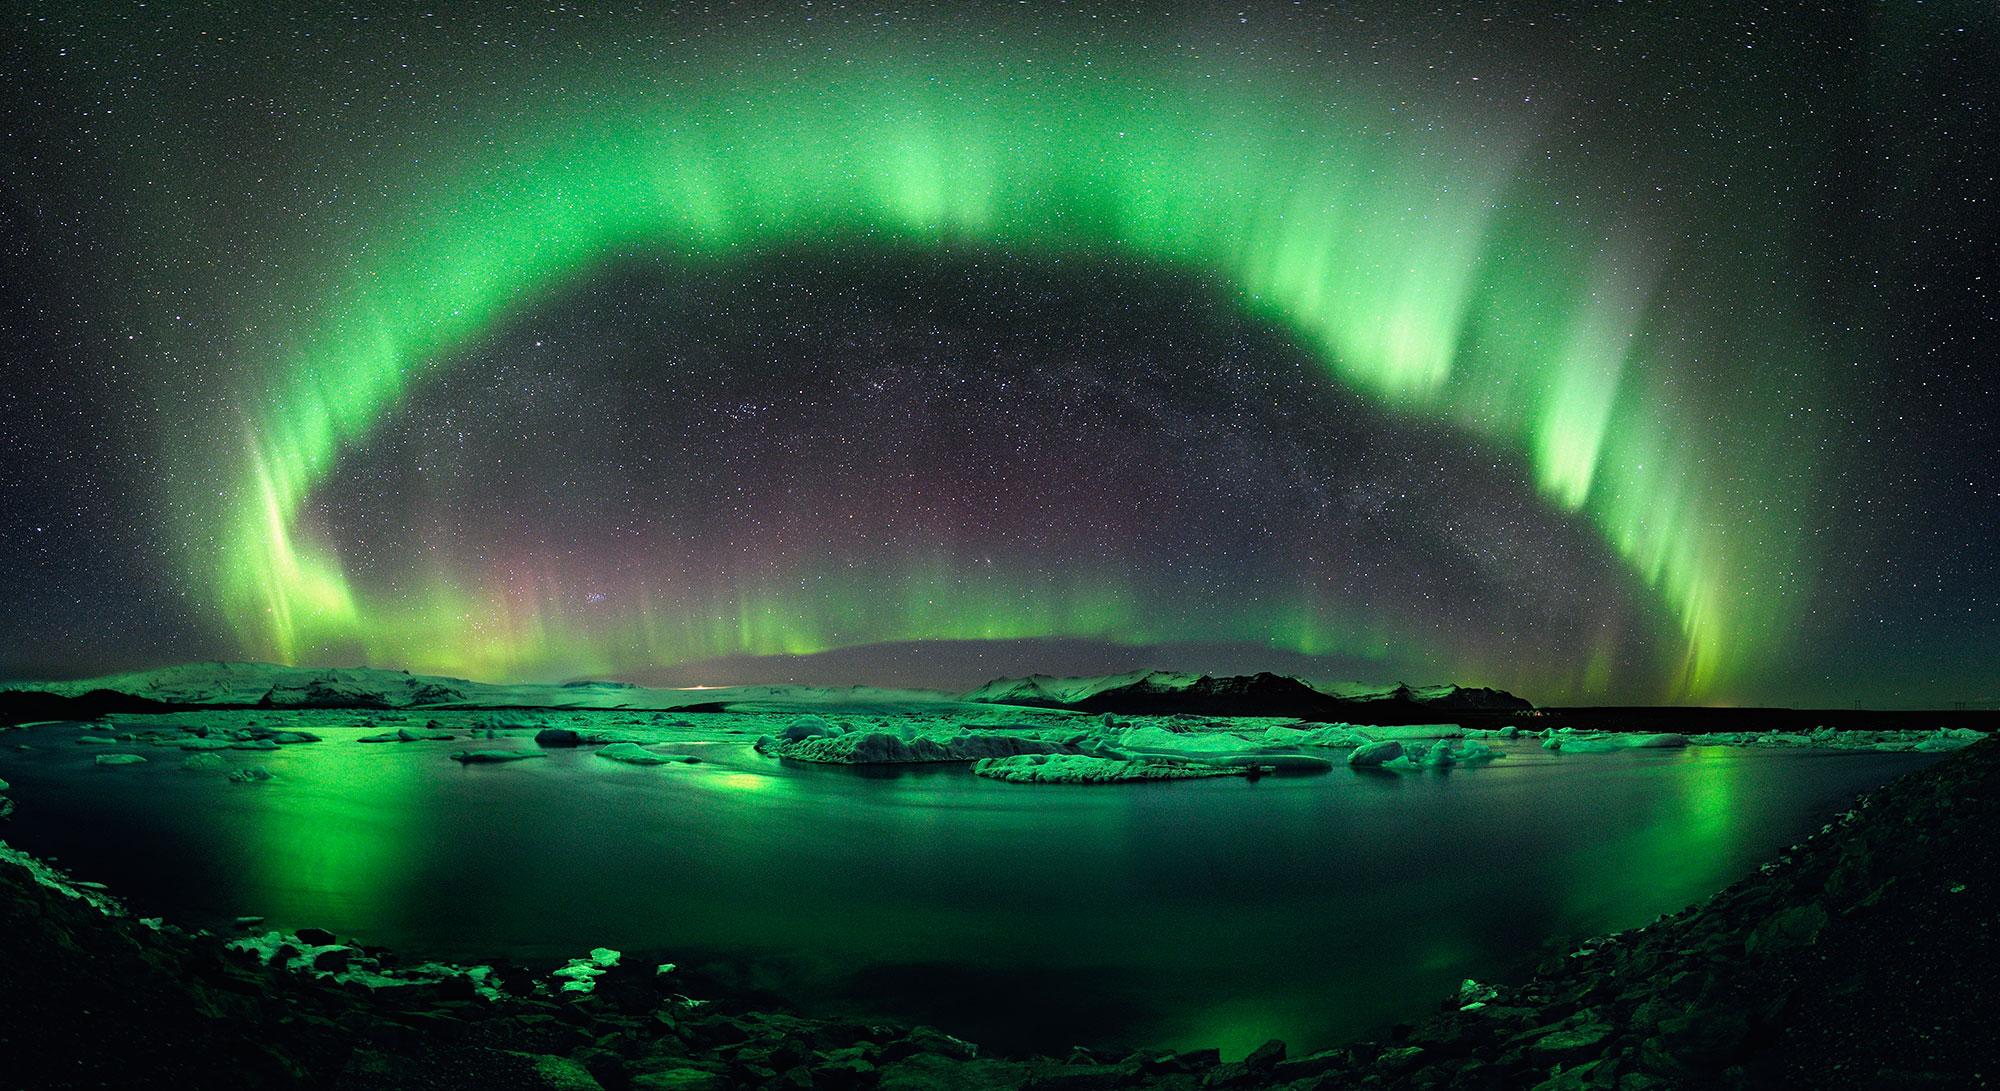 Ο έναστρος νυχτερινός ουρανός της